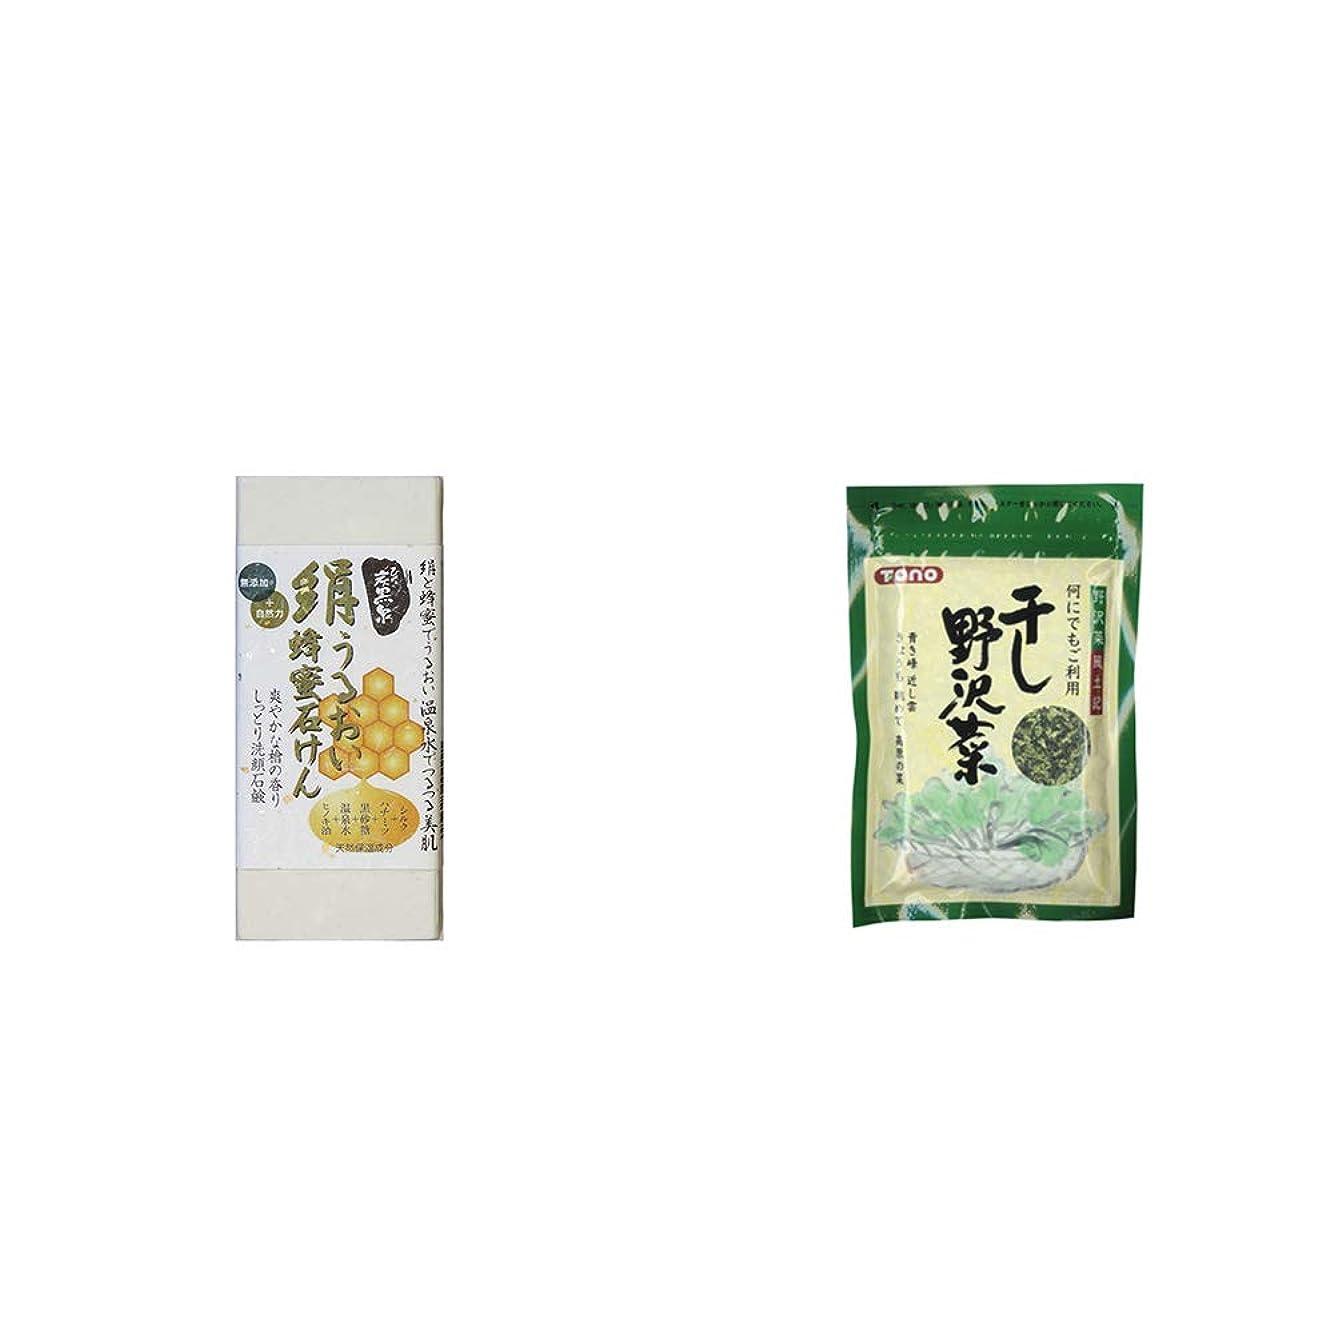 透明にサーマルミッション[2点セット] ひのき炭黒泉 絹うるおい蜂蜜石けん(75g×2)?干し野沢菜(100g)